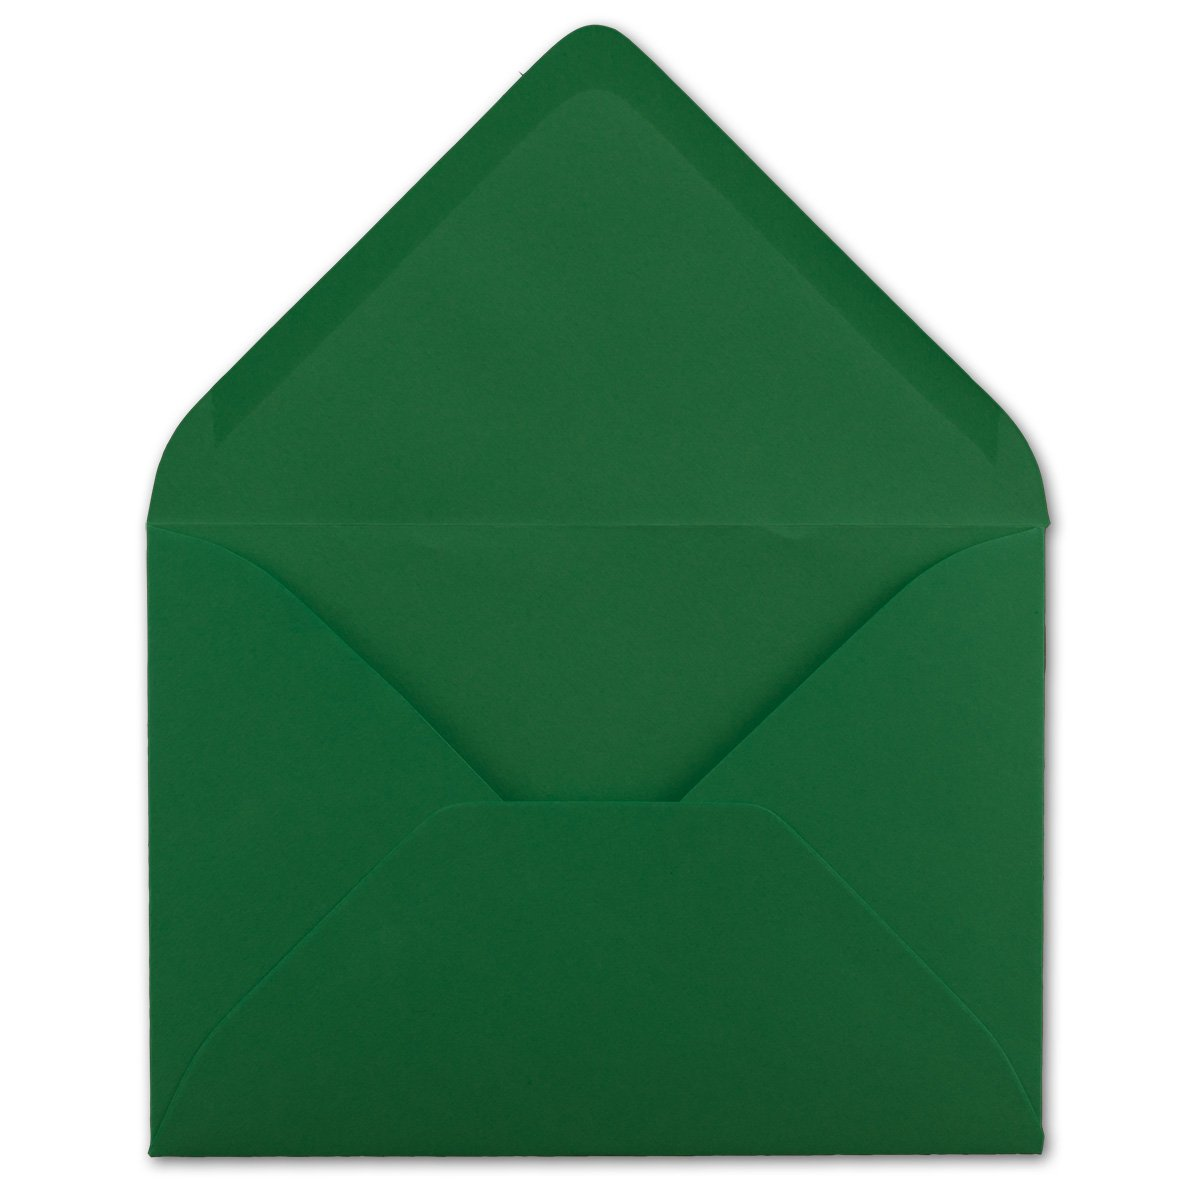 Brief-Umschläge in in in Nachtblau   150 Stück   DIN C5 KuGrüns 220 x 154 mm - Nassklebung ohne Fenster - Weihnachten, Grußkarten   Serie FarbenFroh® B07BPP647D | Exquisite (mittlere) Verarbeitung  a3dbaa